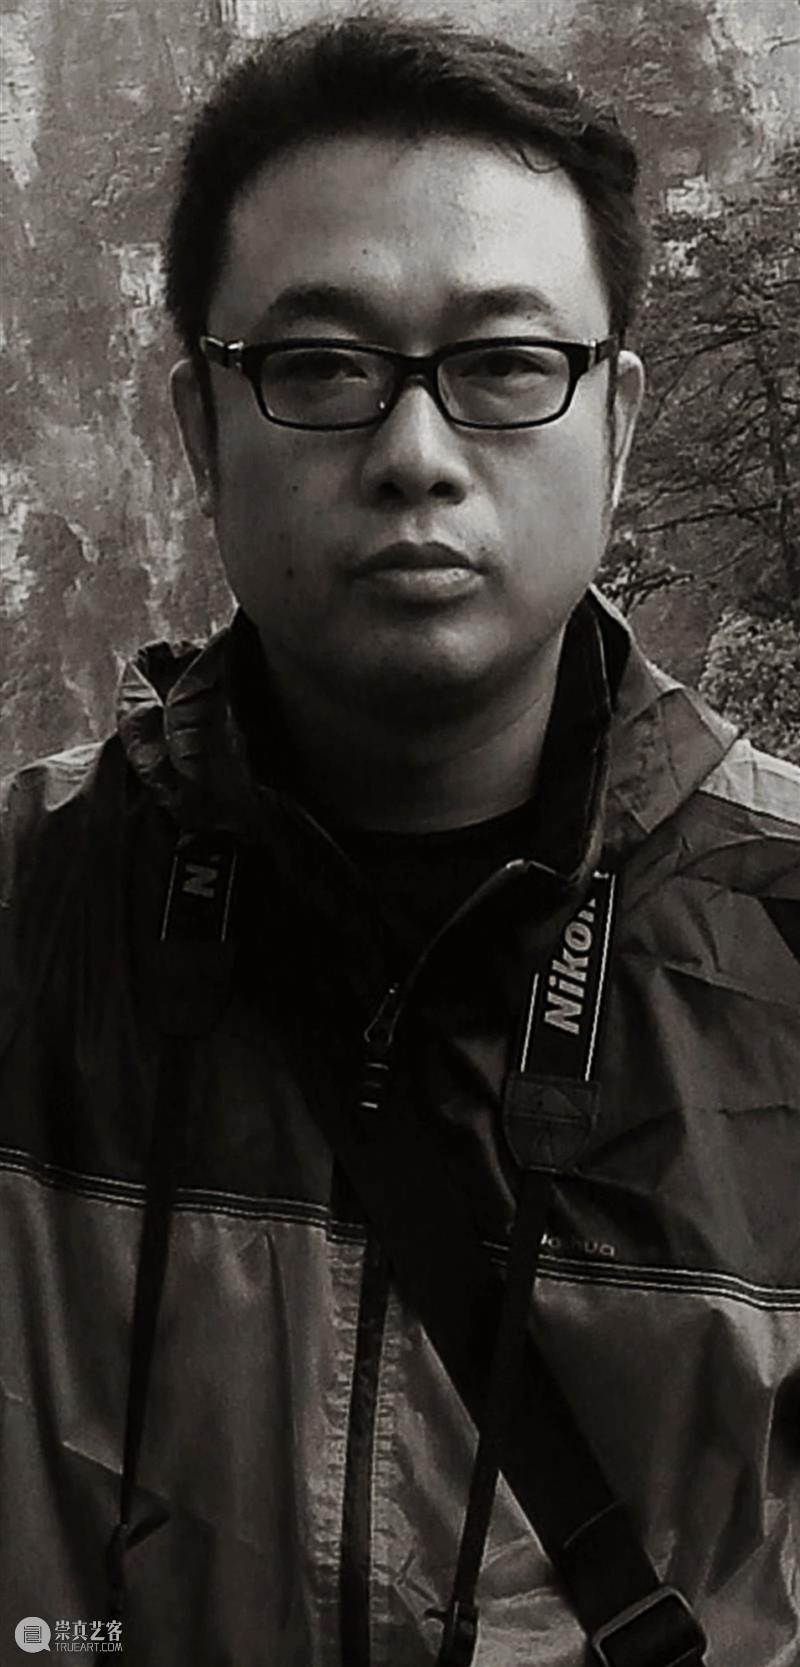 预告 | 张弛艺术分享会 张弛 艺术 嘉宾 speaker 时间 Time 地址 中国 广州市 海珠区 崇真艺客